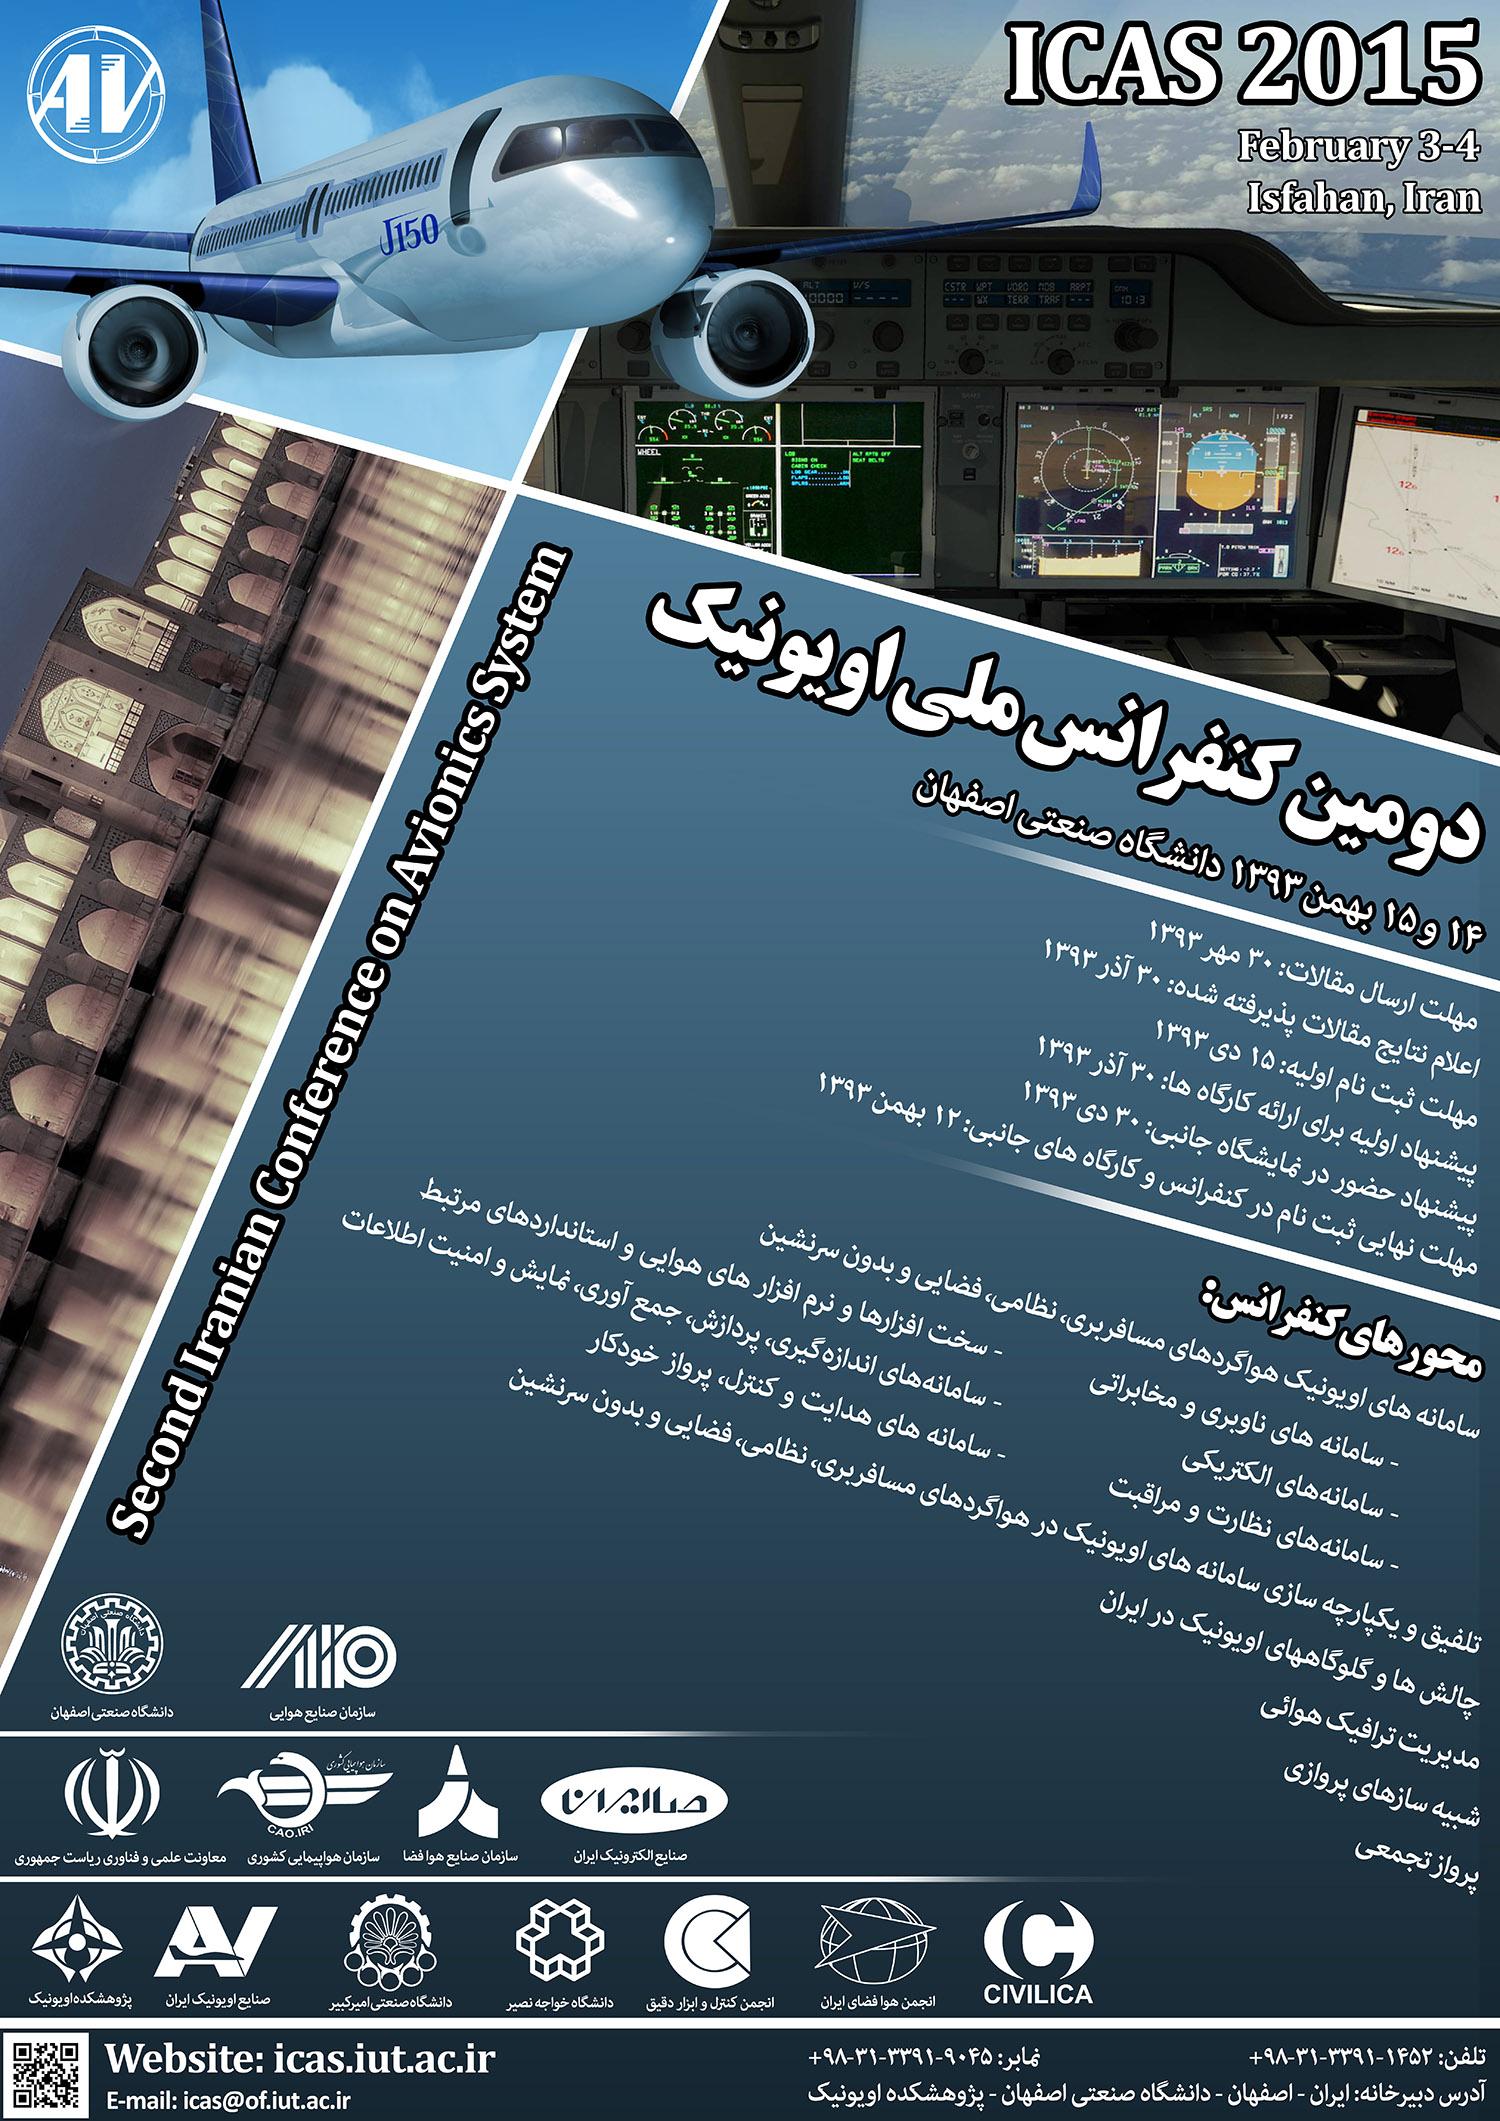 پوستر کنفرانس ملی اویونیک